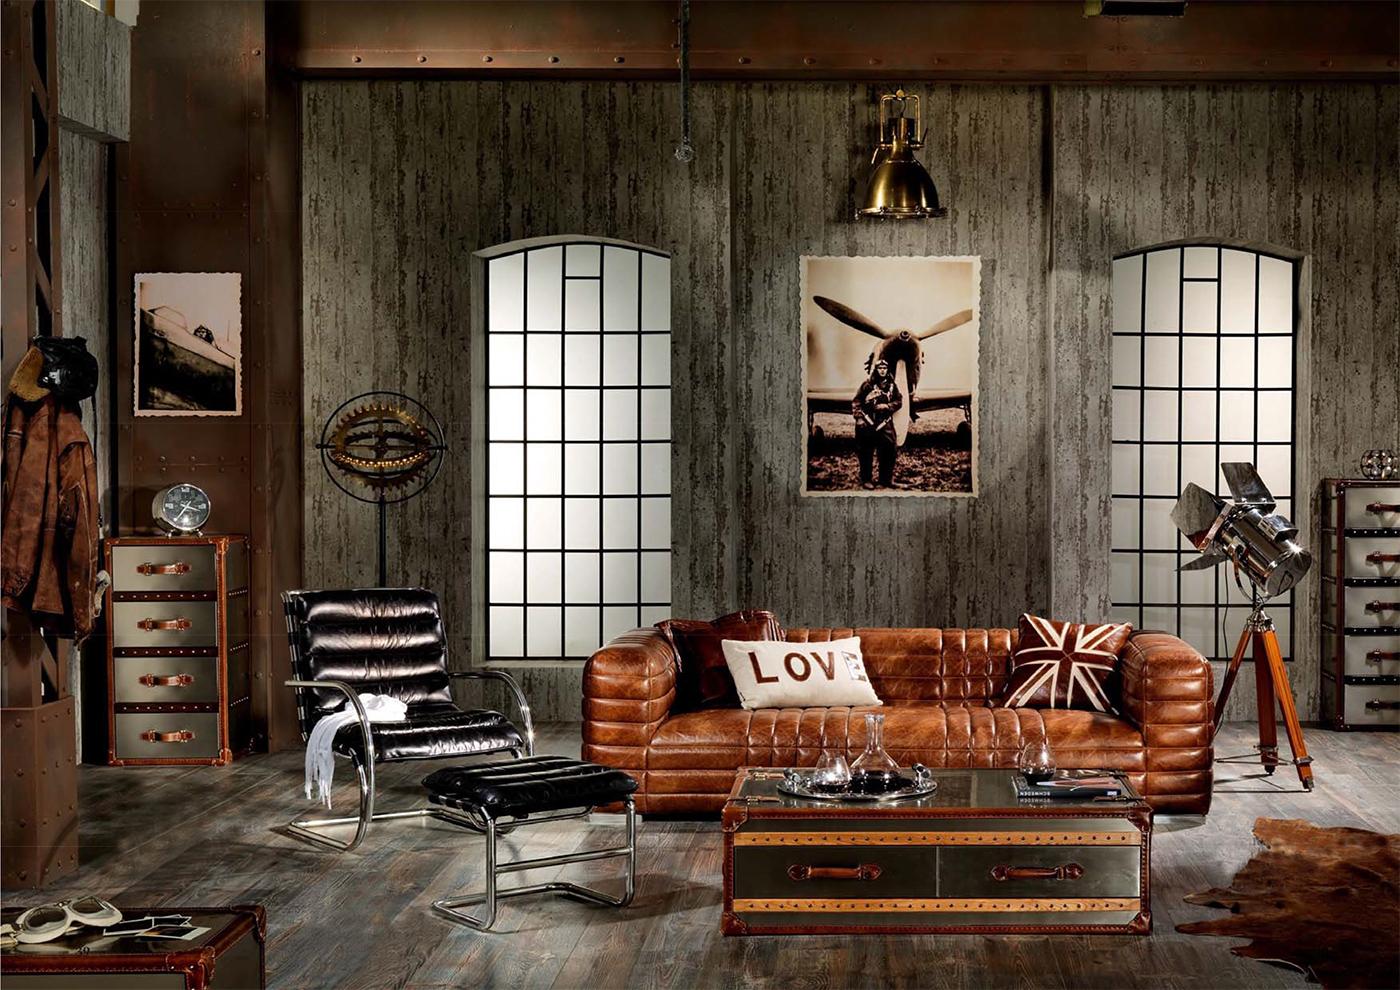 Manitoba Sofa 2 Sitzer Columbia Brown Vintage Leder Möbel Ledersofa